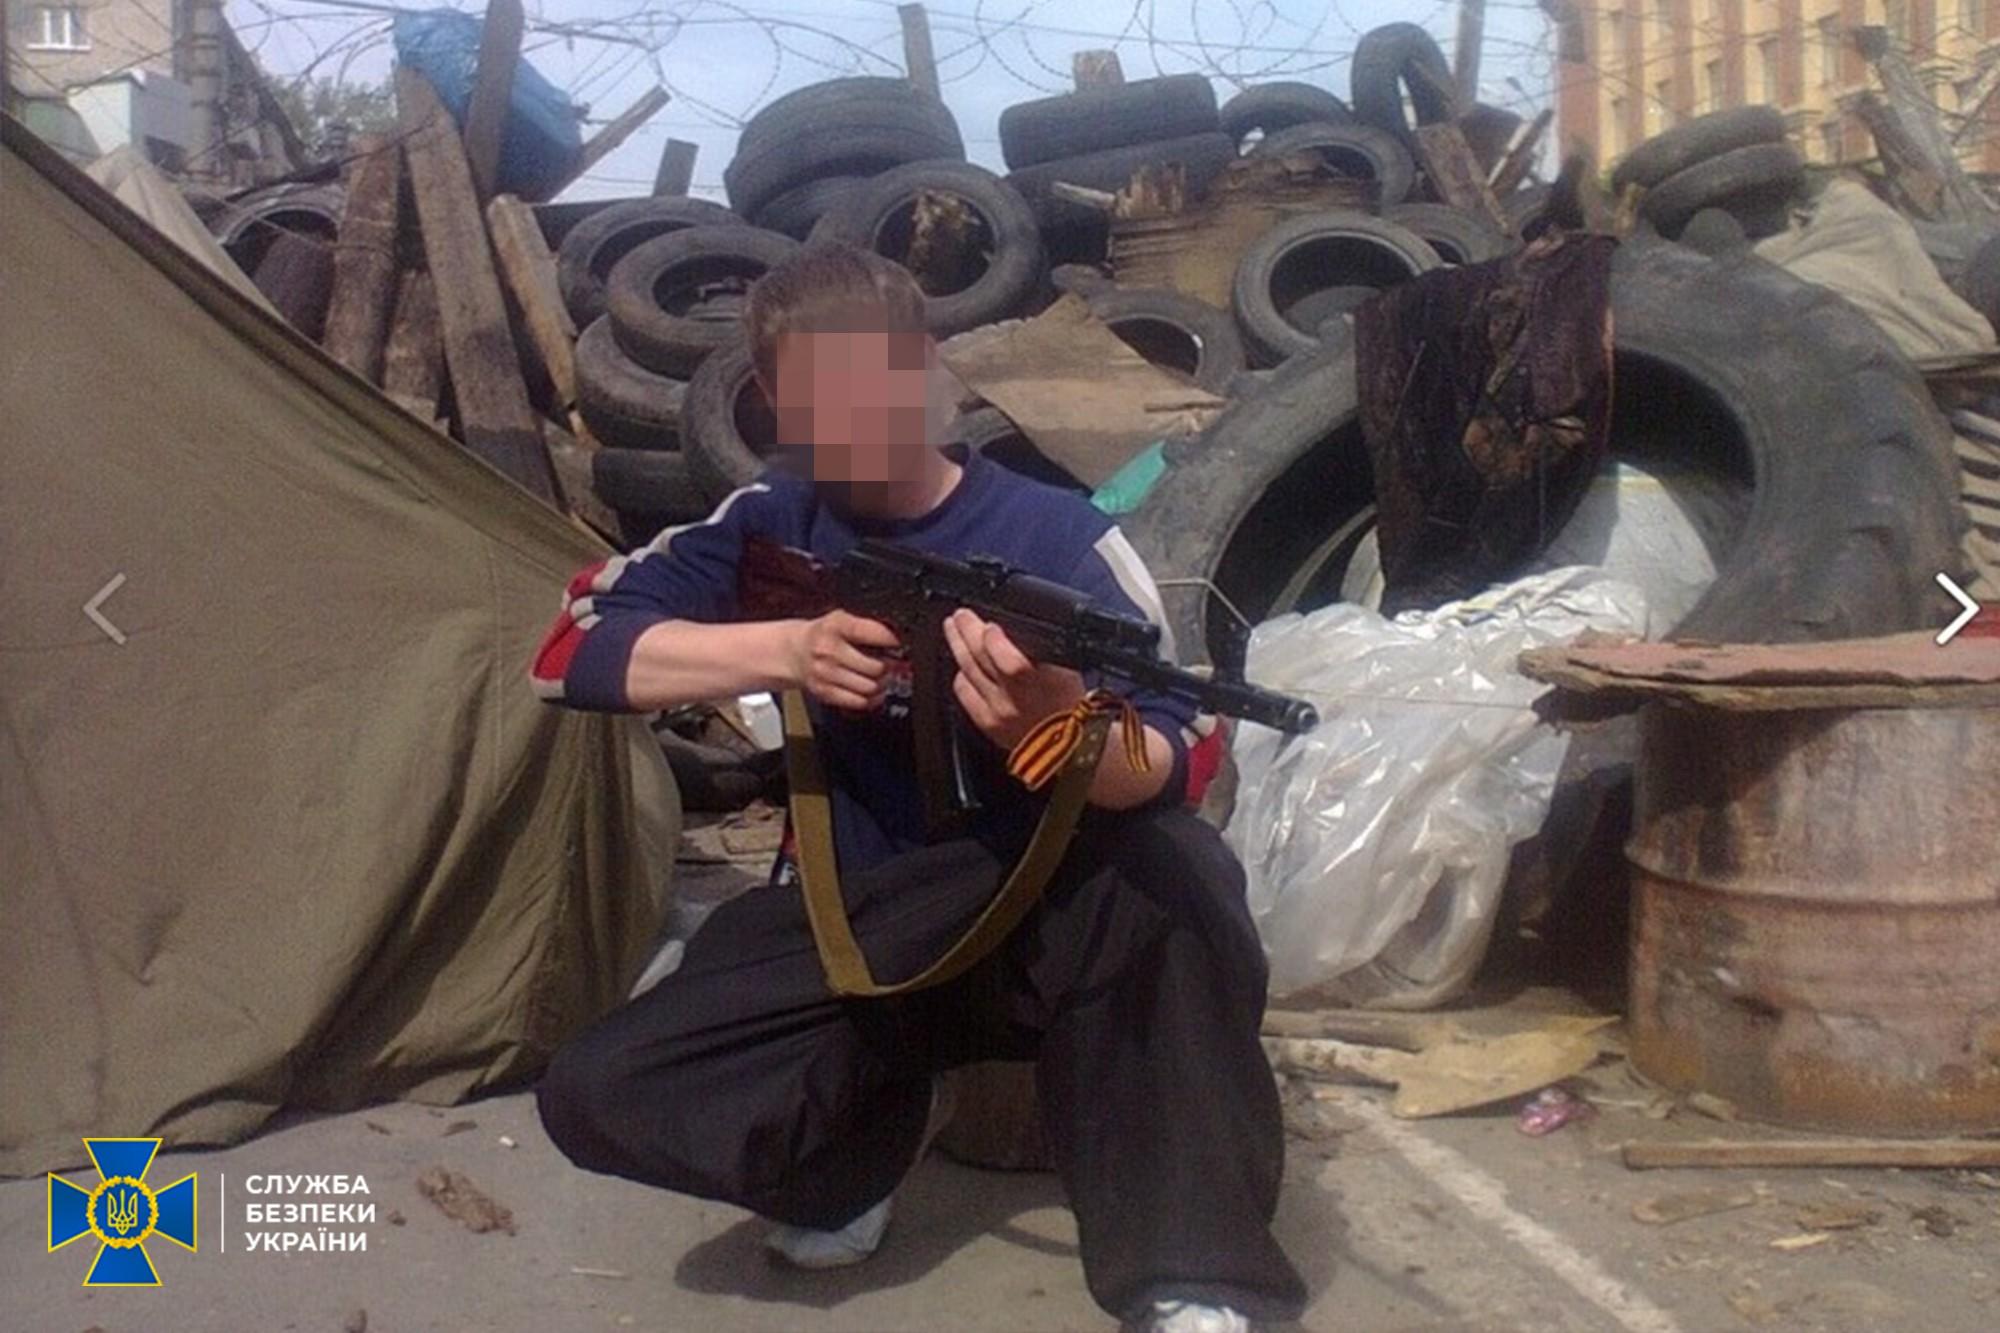 СБУ затримала сепаратиста, який штурмував її управління в Луганську у 2014-му